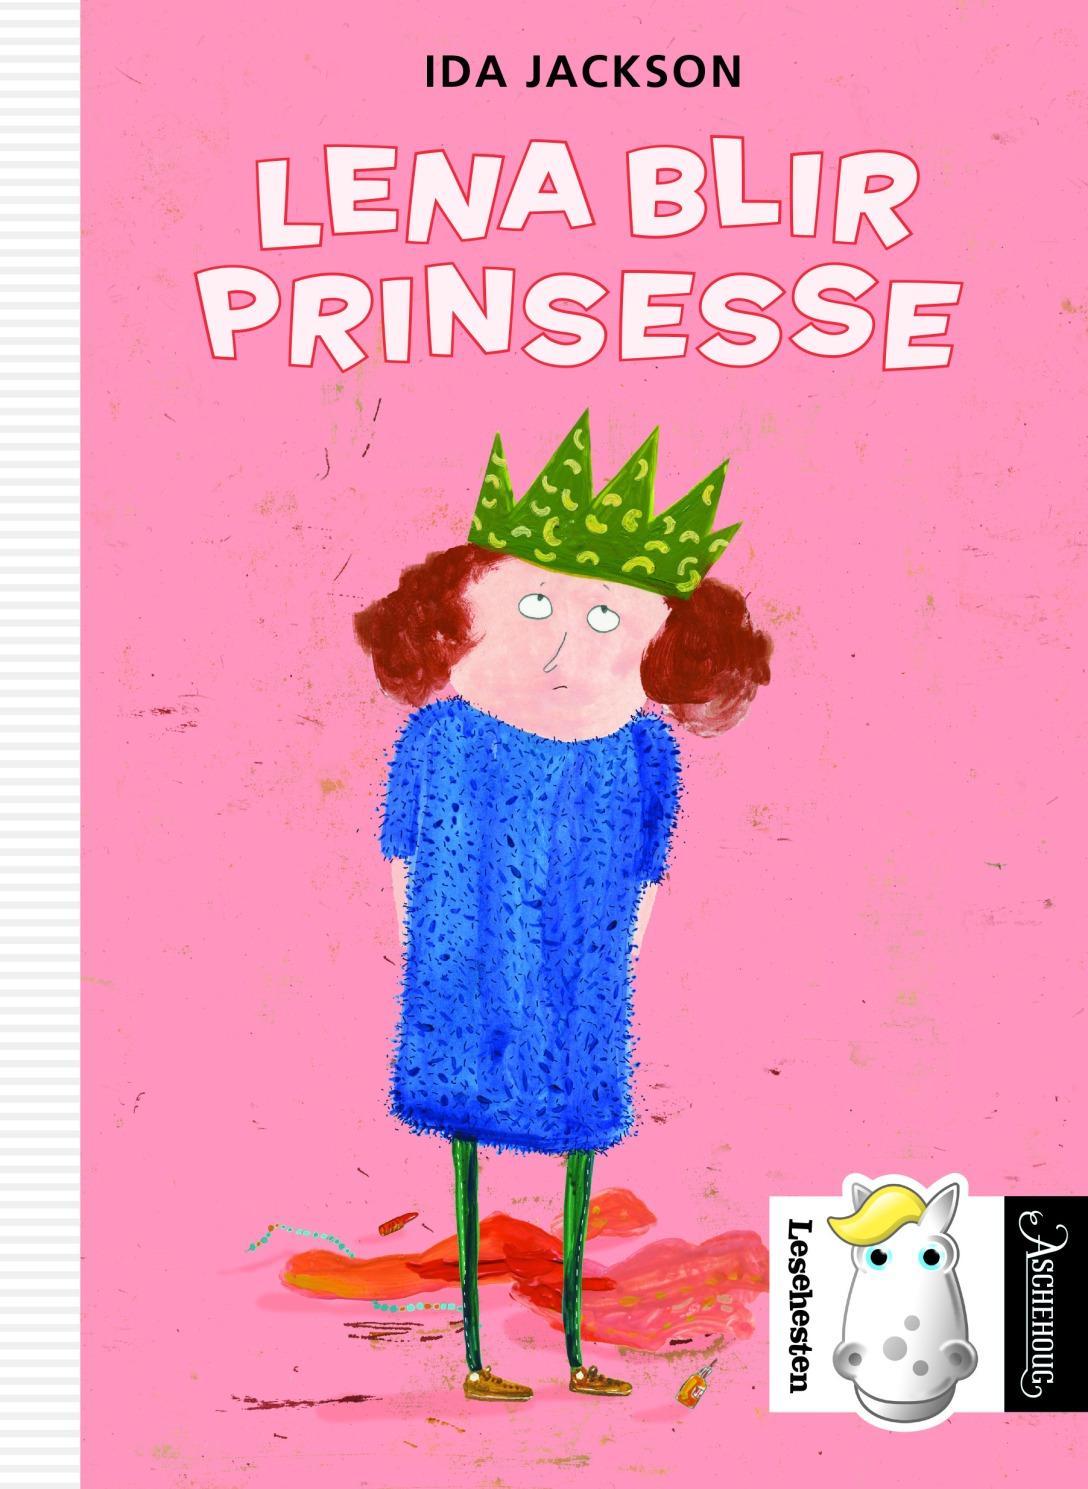 Den rosa forsiden til Lena blir prinsesse, en lettlestbok fra Aschehoug. På forsiden står Lena med grønn makaronikrone på hodet og blå ullkjole og ser misfornøyd ut.